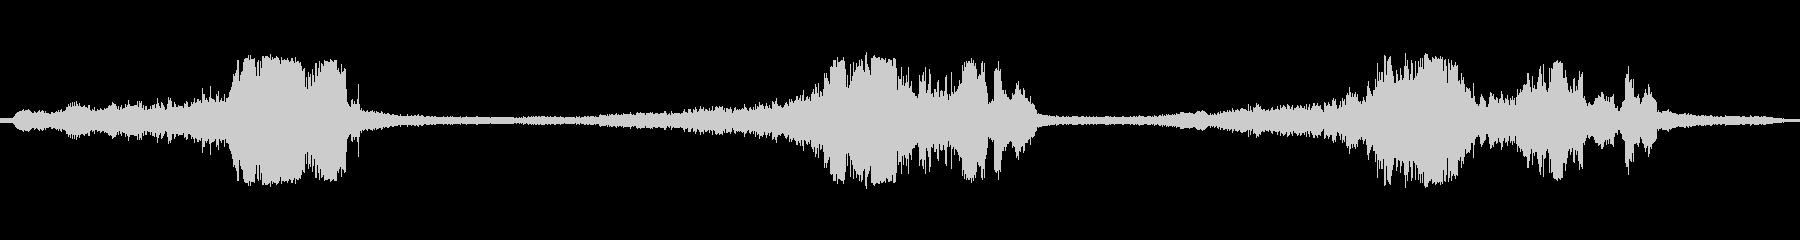 ラリークロス、レース; DIGIF...の未再生の波形